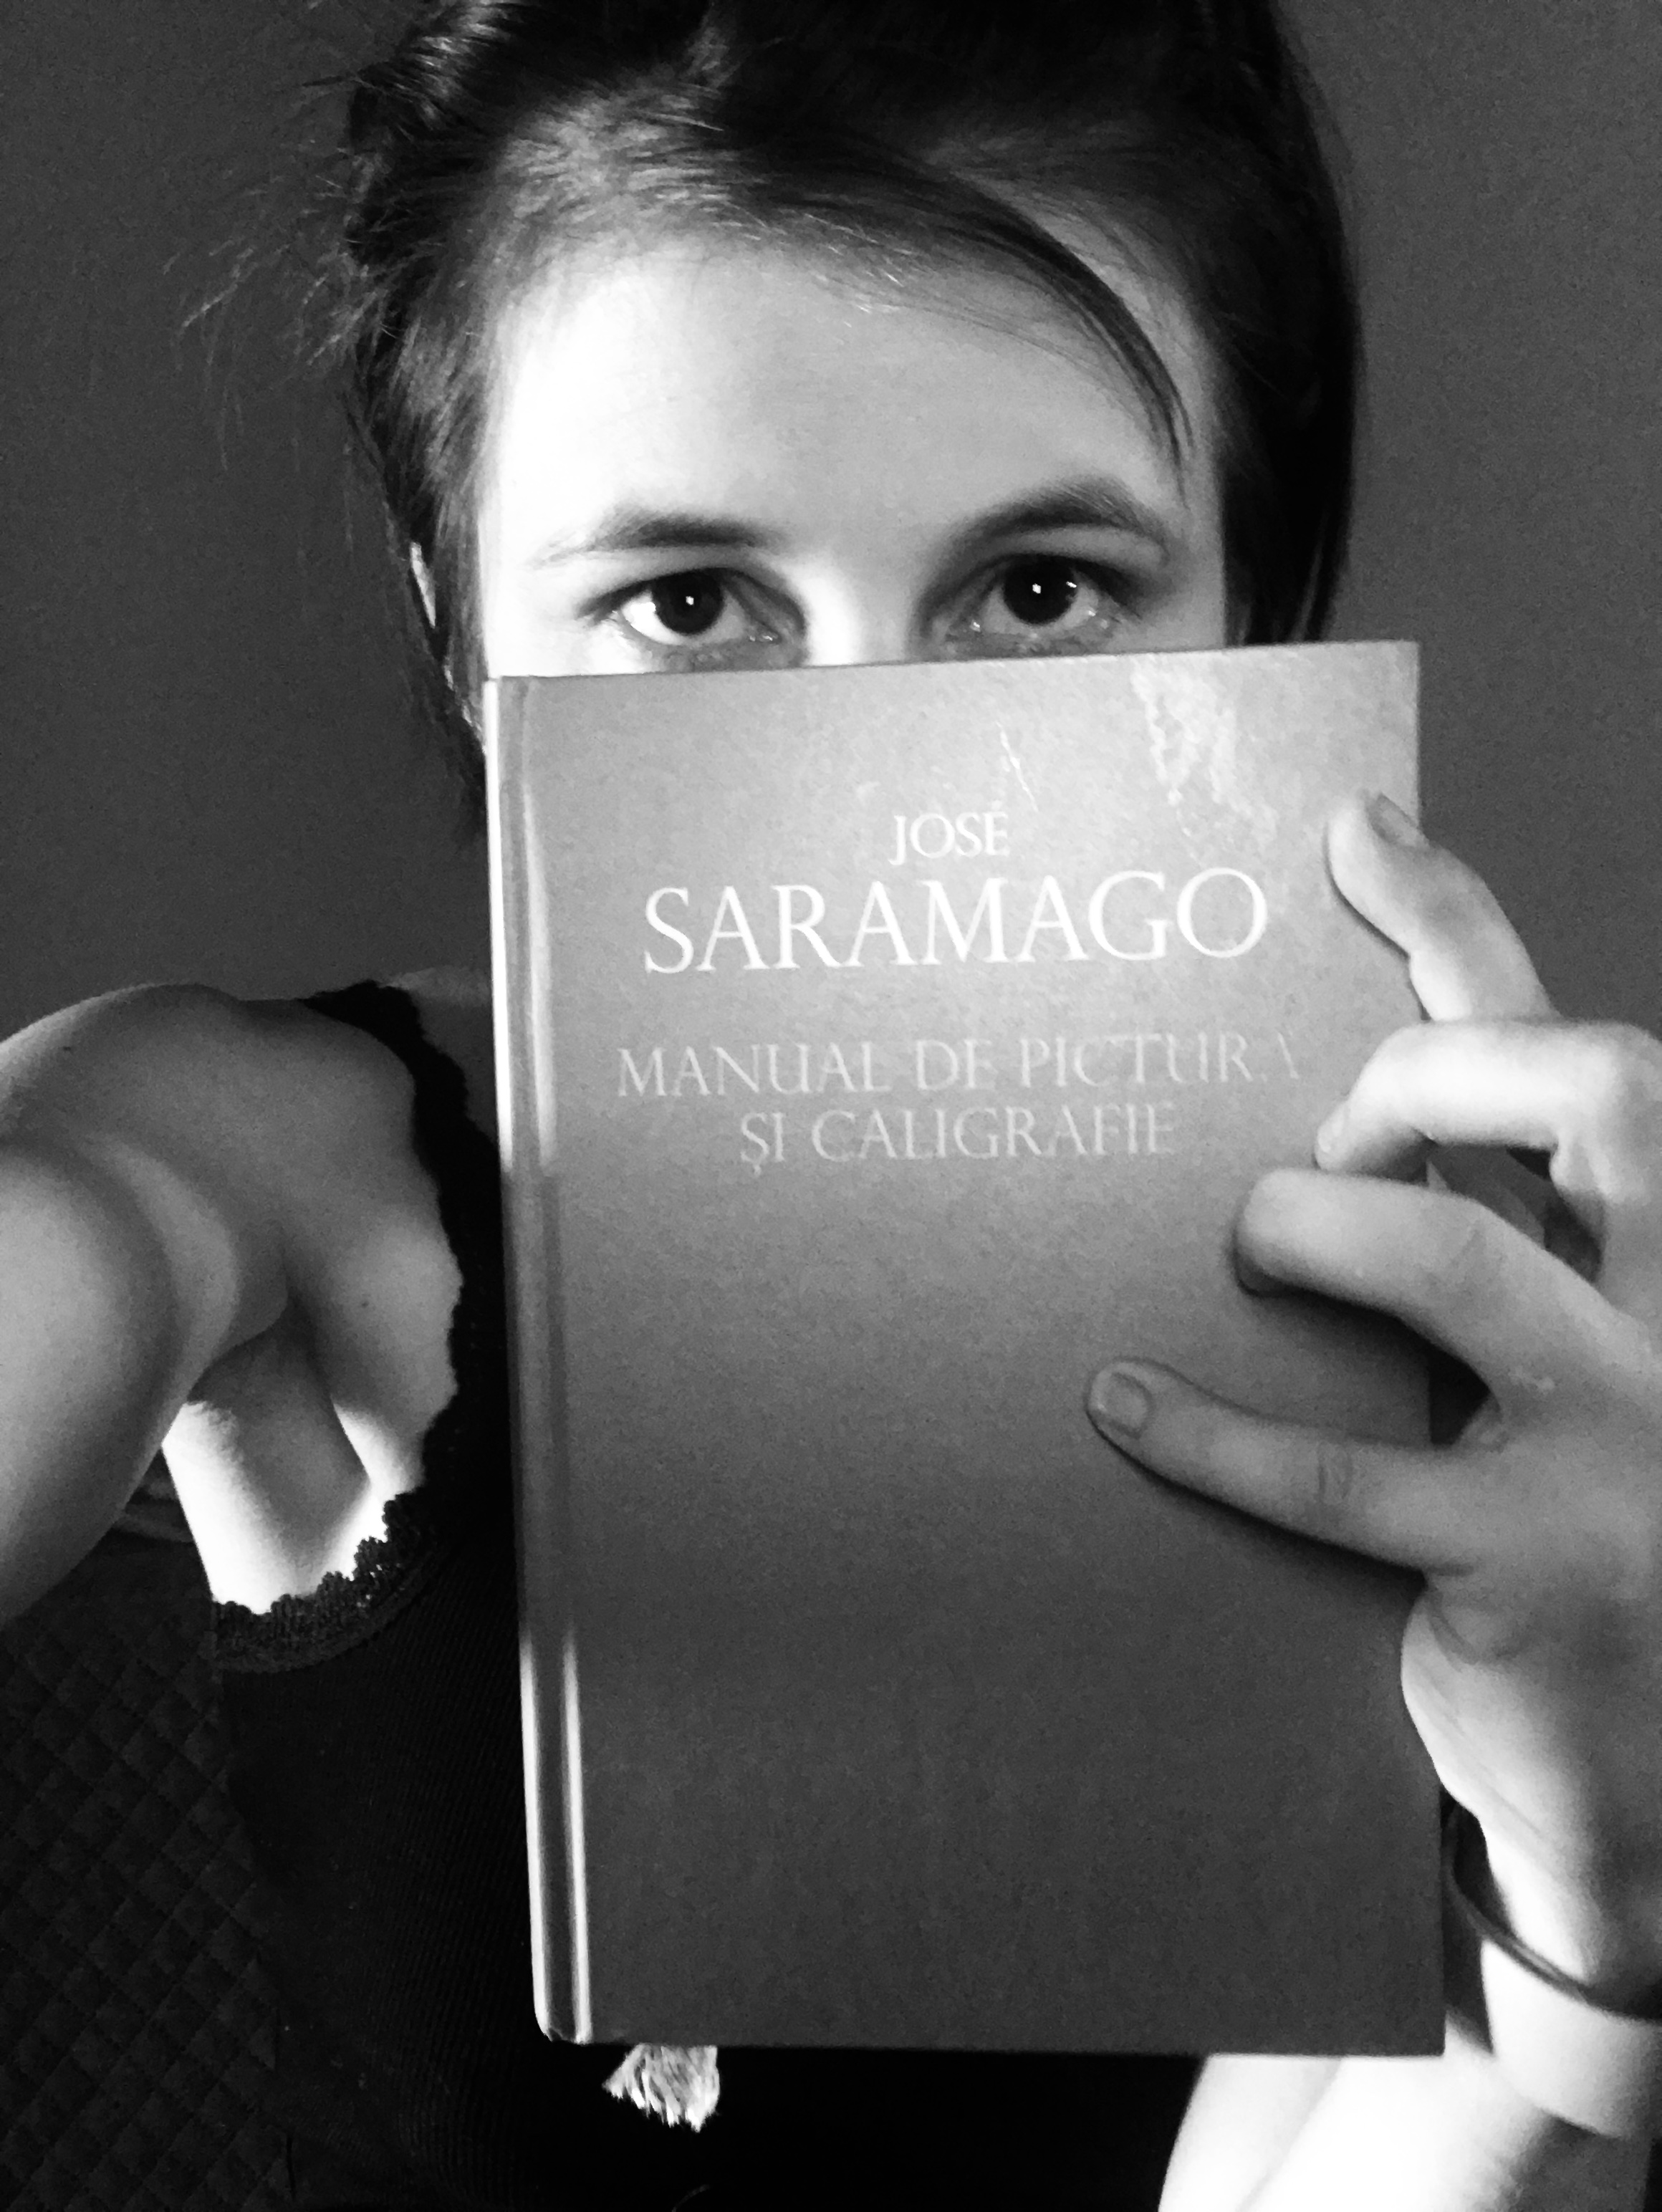 despre starea saramago